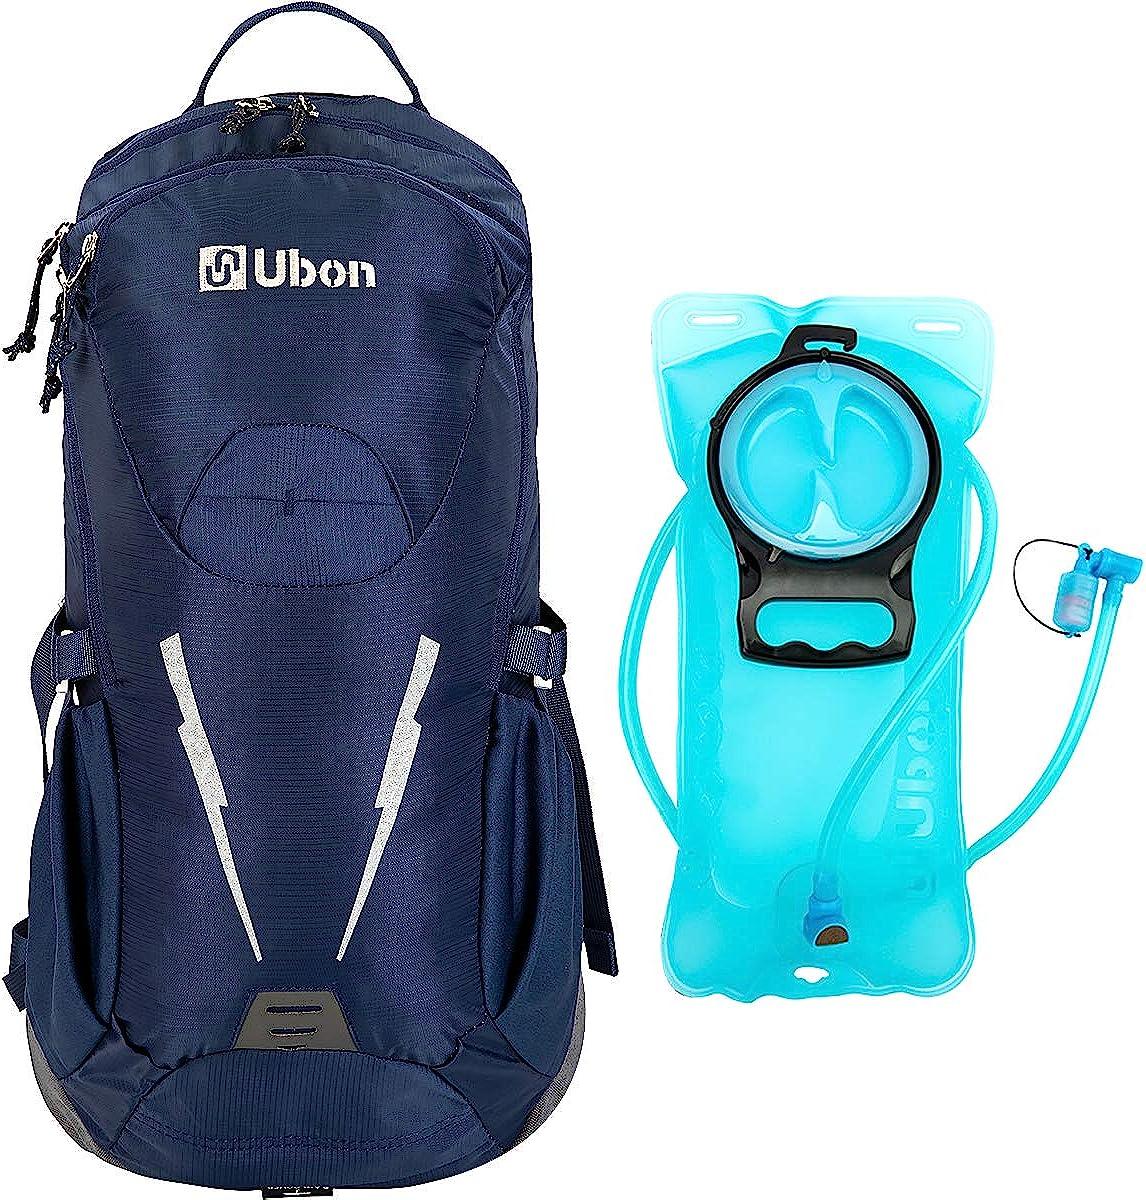 Ubon Ventilated Hiking Backpack 30L Internal Framed Backpack for Outdoor Sport